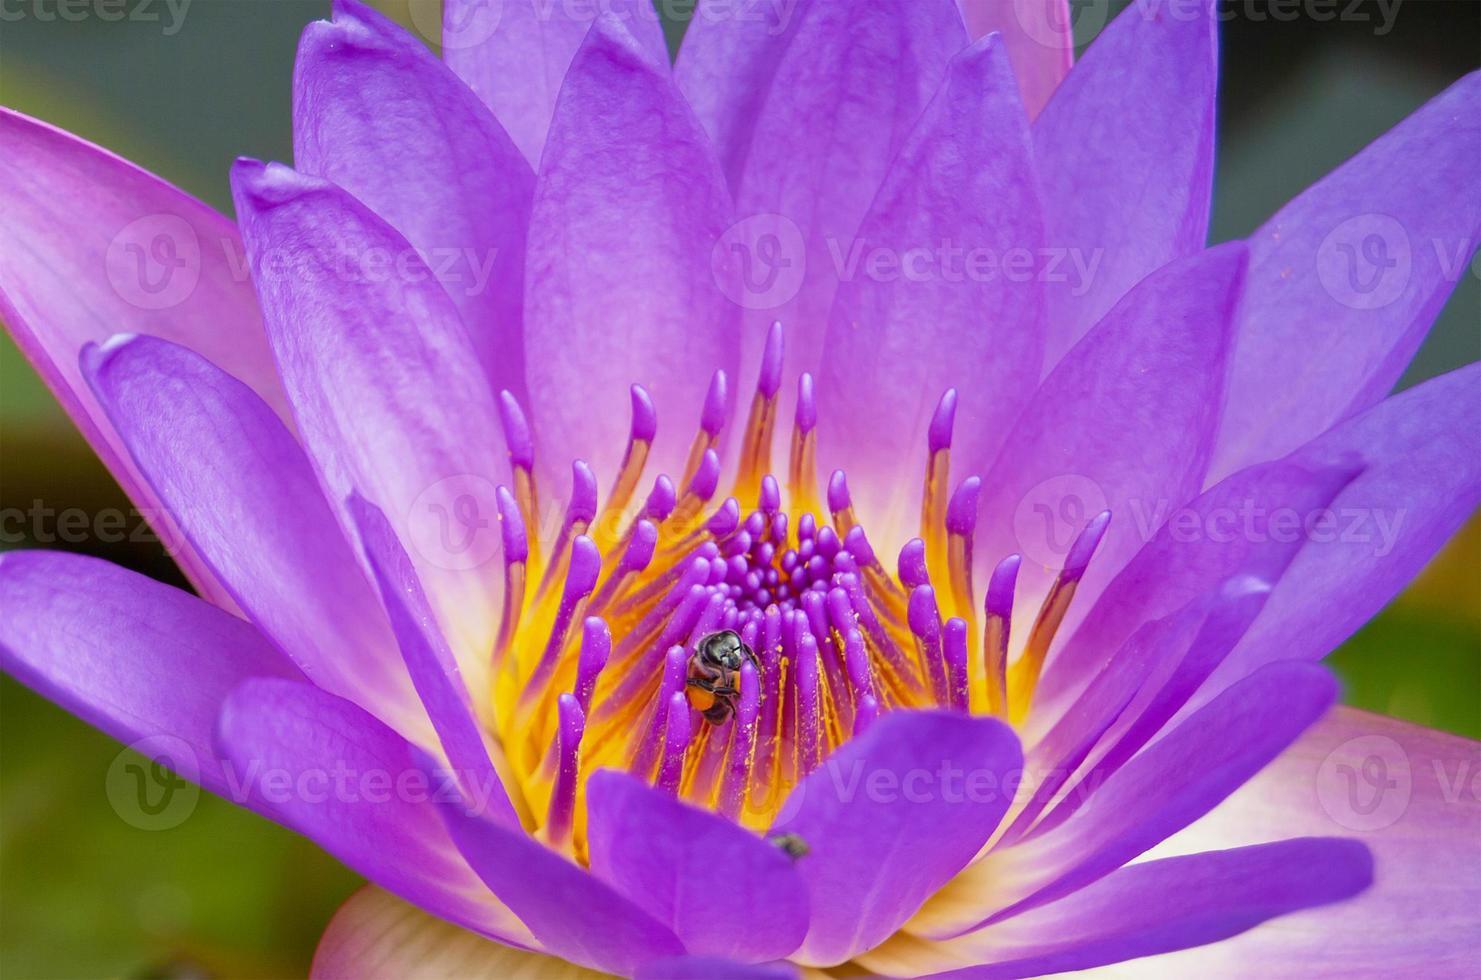 feche a abelha na flor de lótus violeta. foto